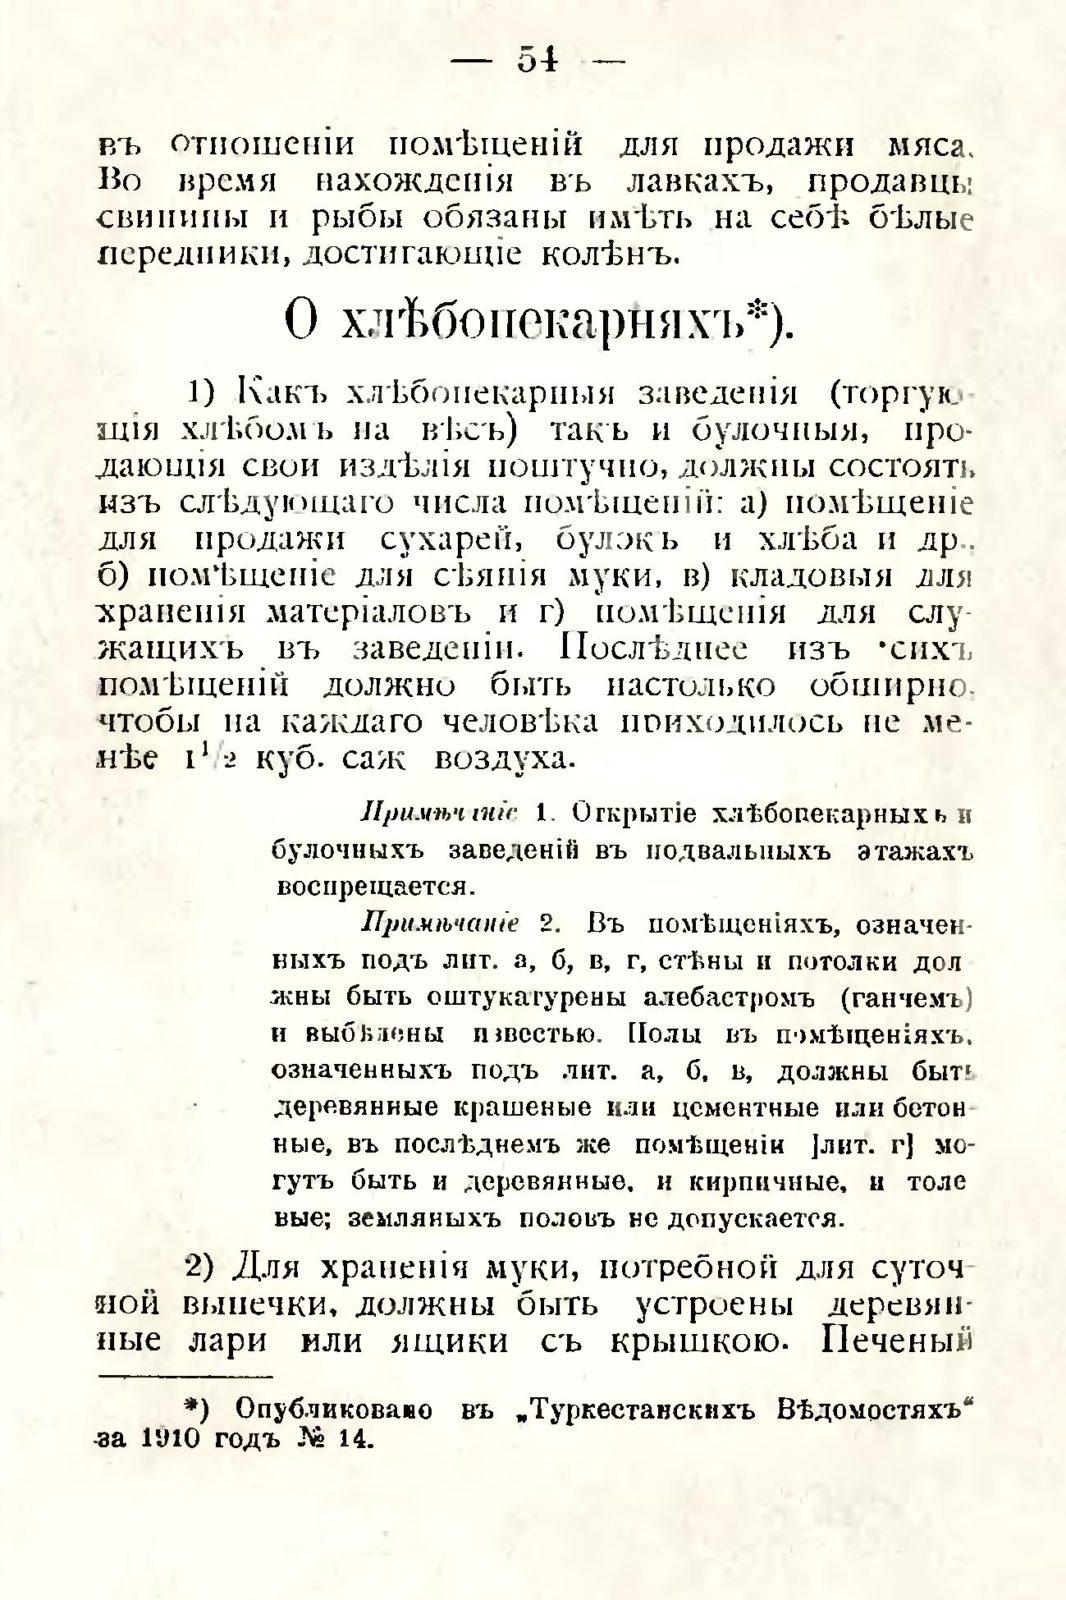 sbornik_obyazatelnyh_postanovlenii_tashkentskoi_gorodskoi_du_58